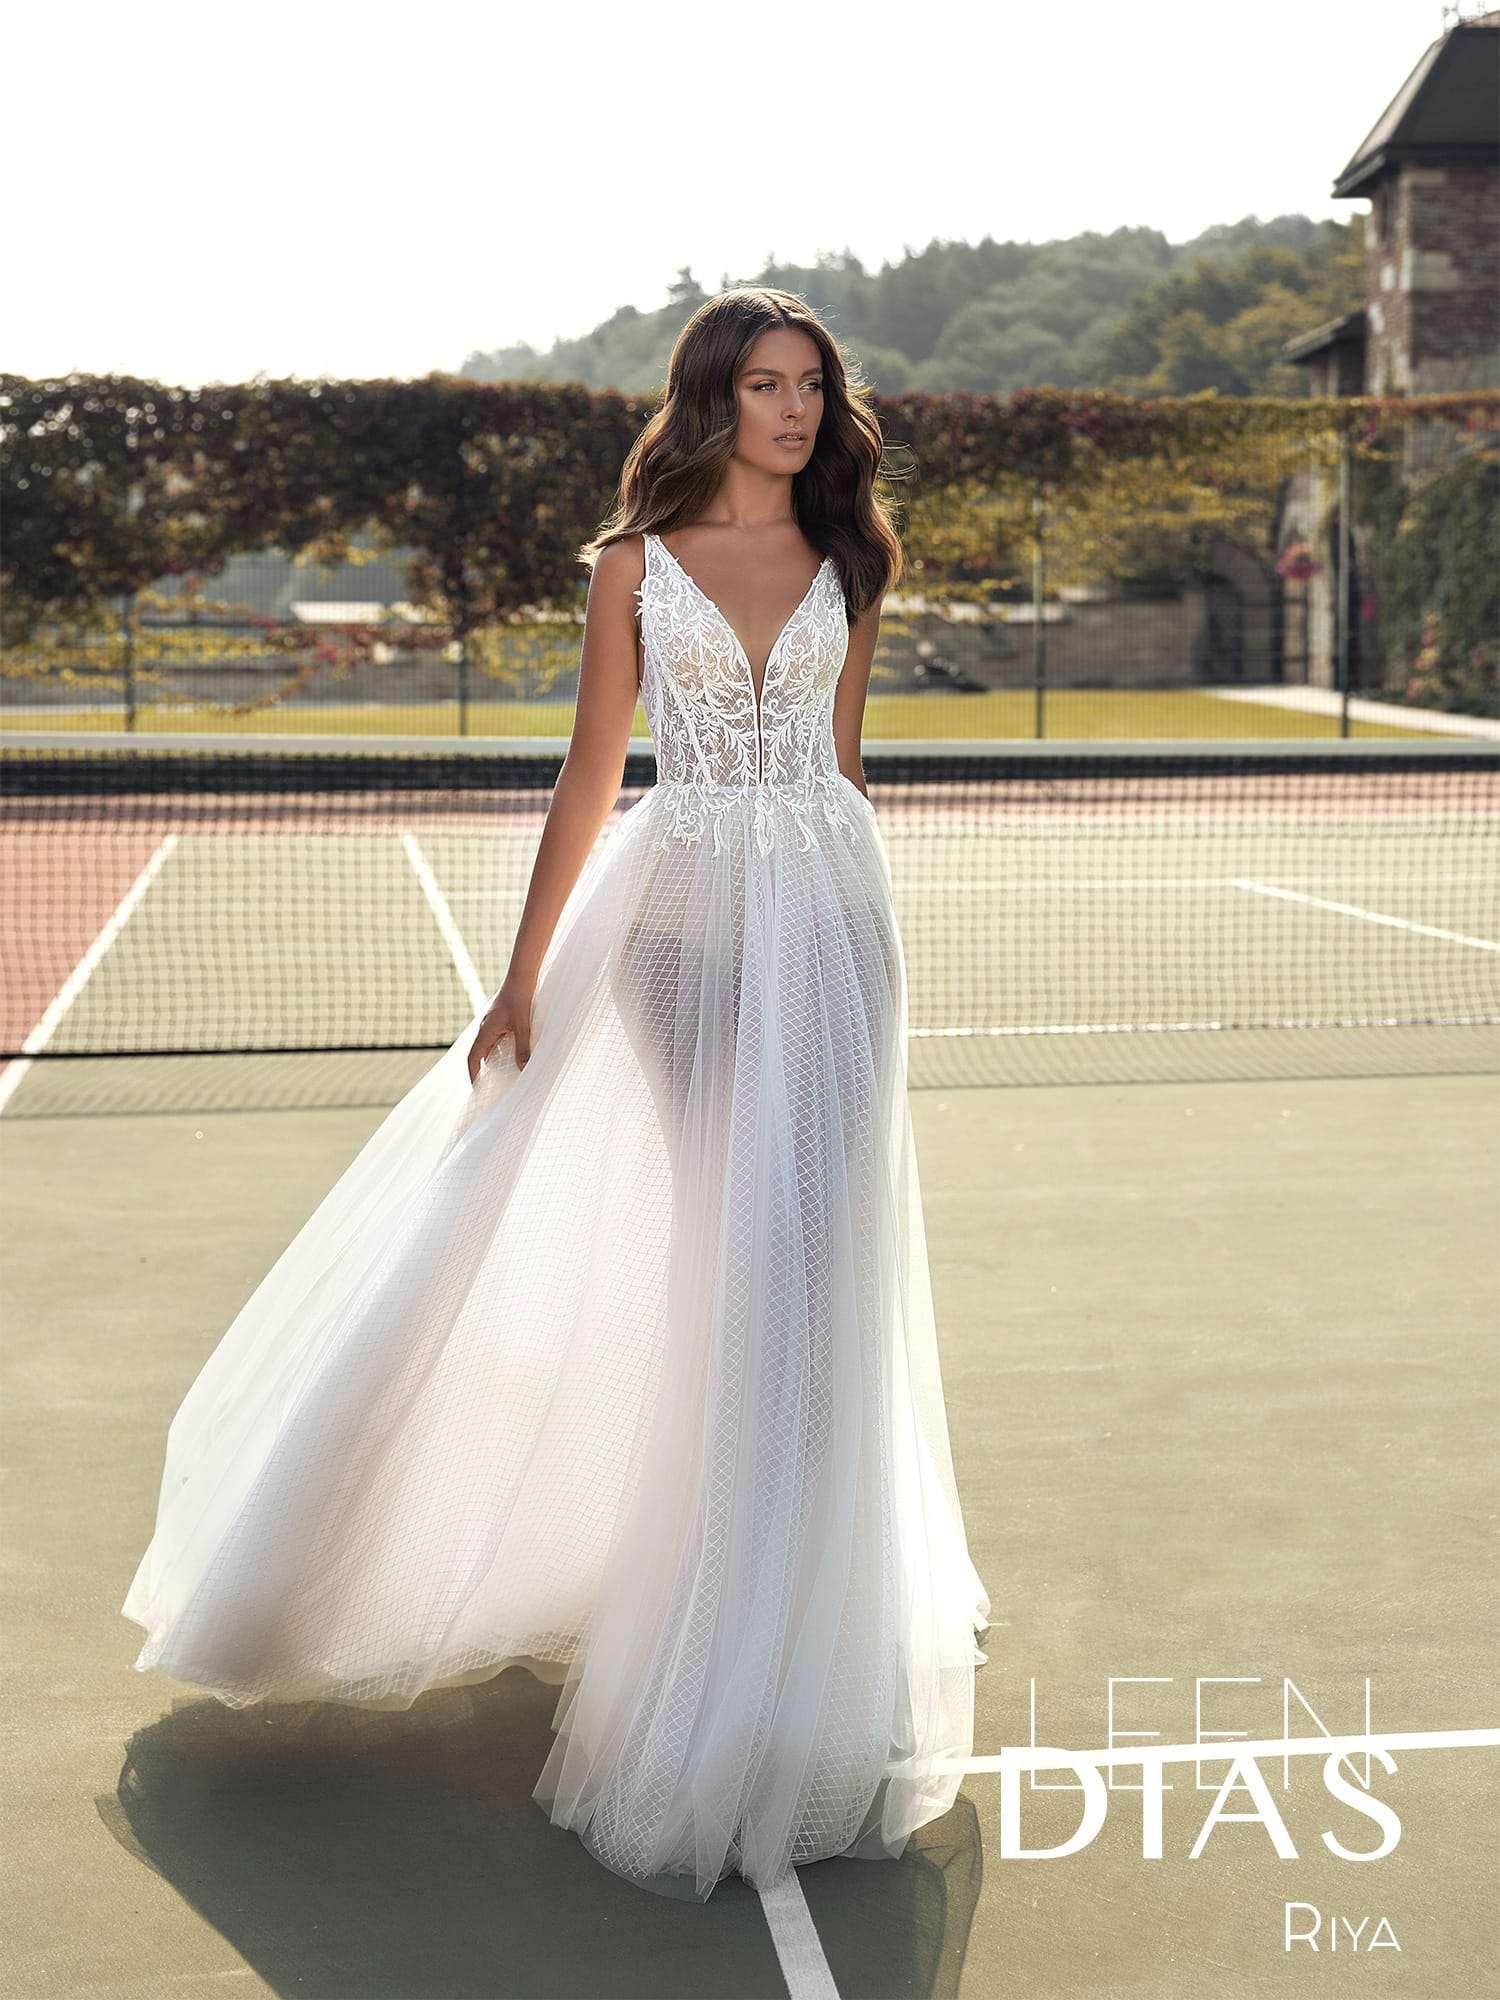 свадебное платье Riya-1.1800x1800w